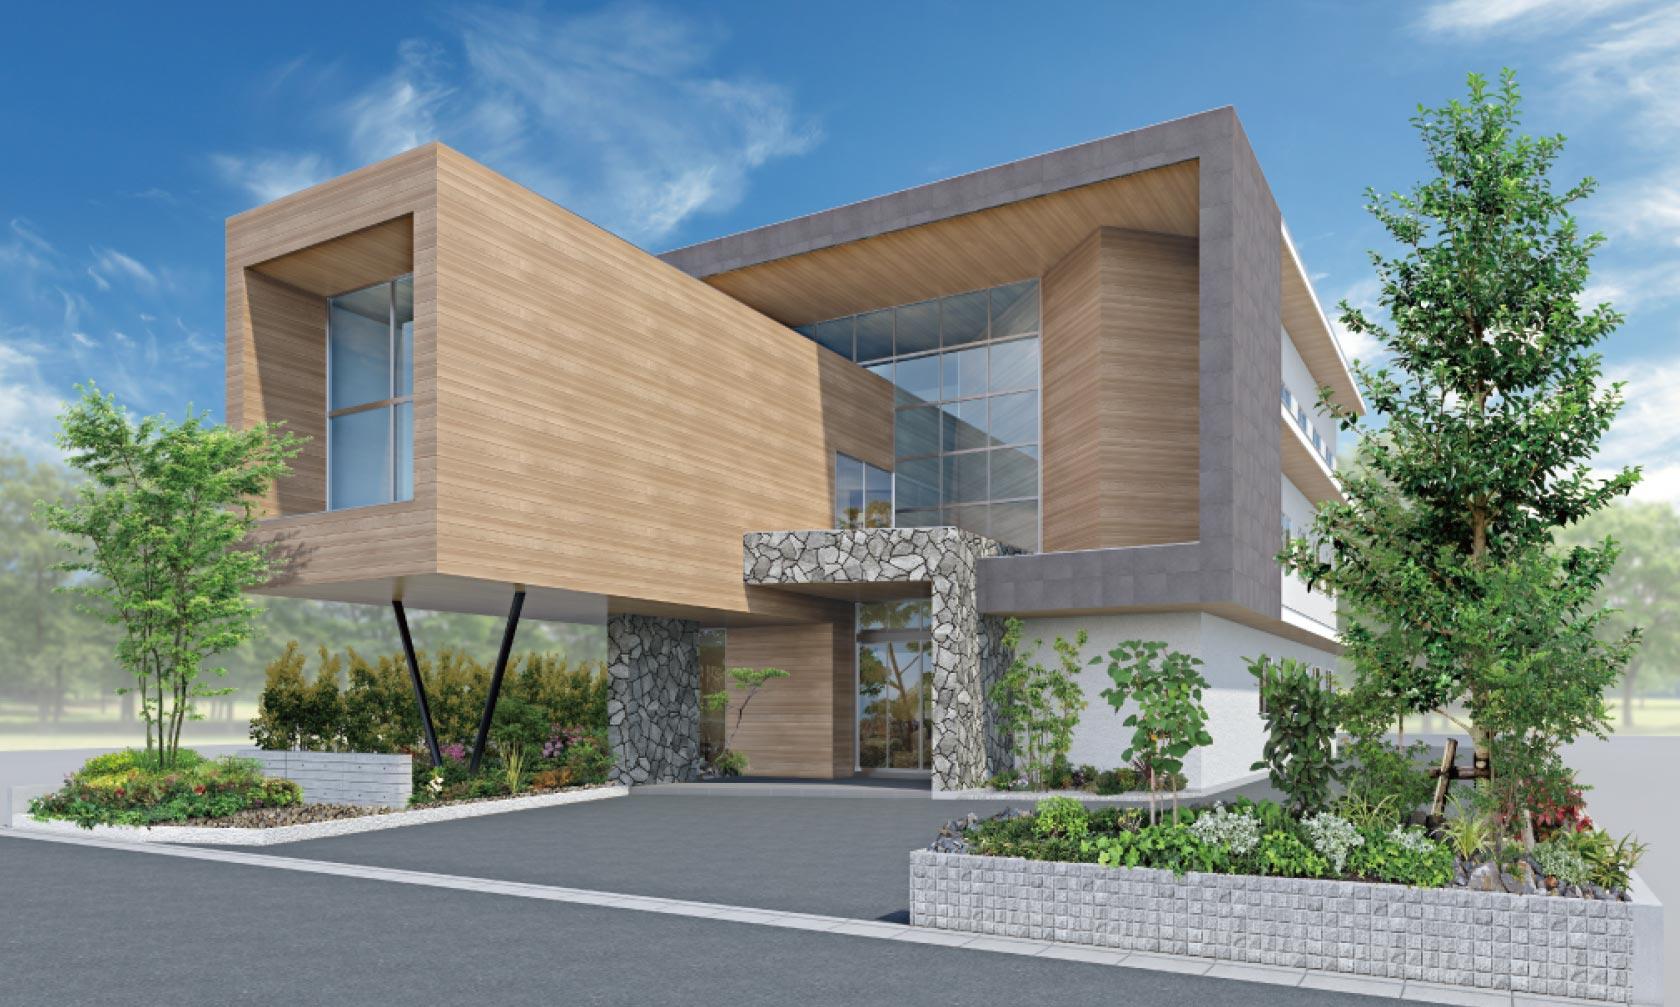 商業施設 Commercial Facility